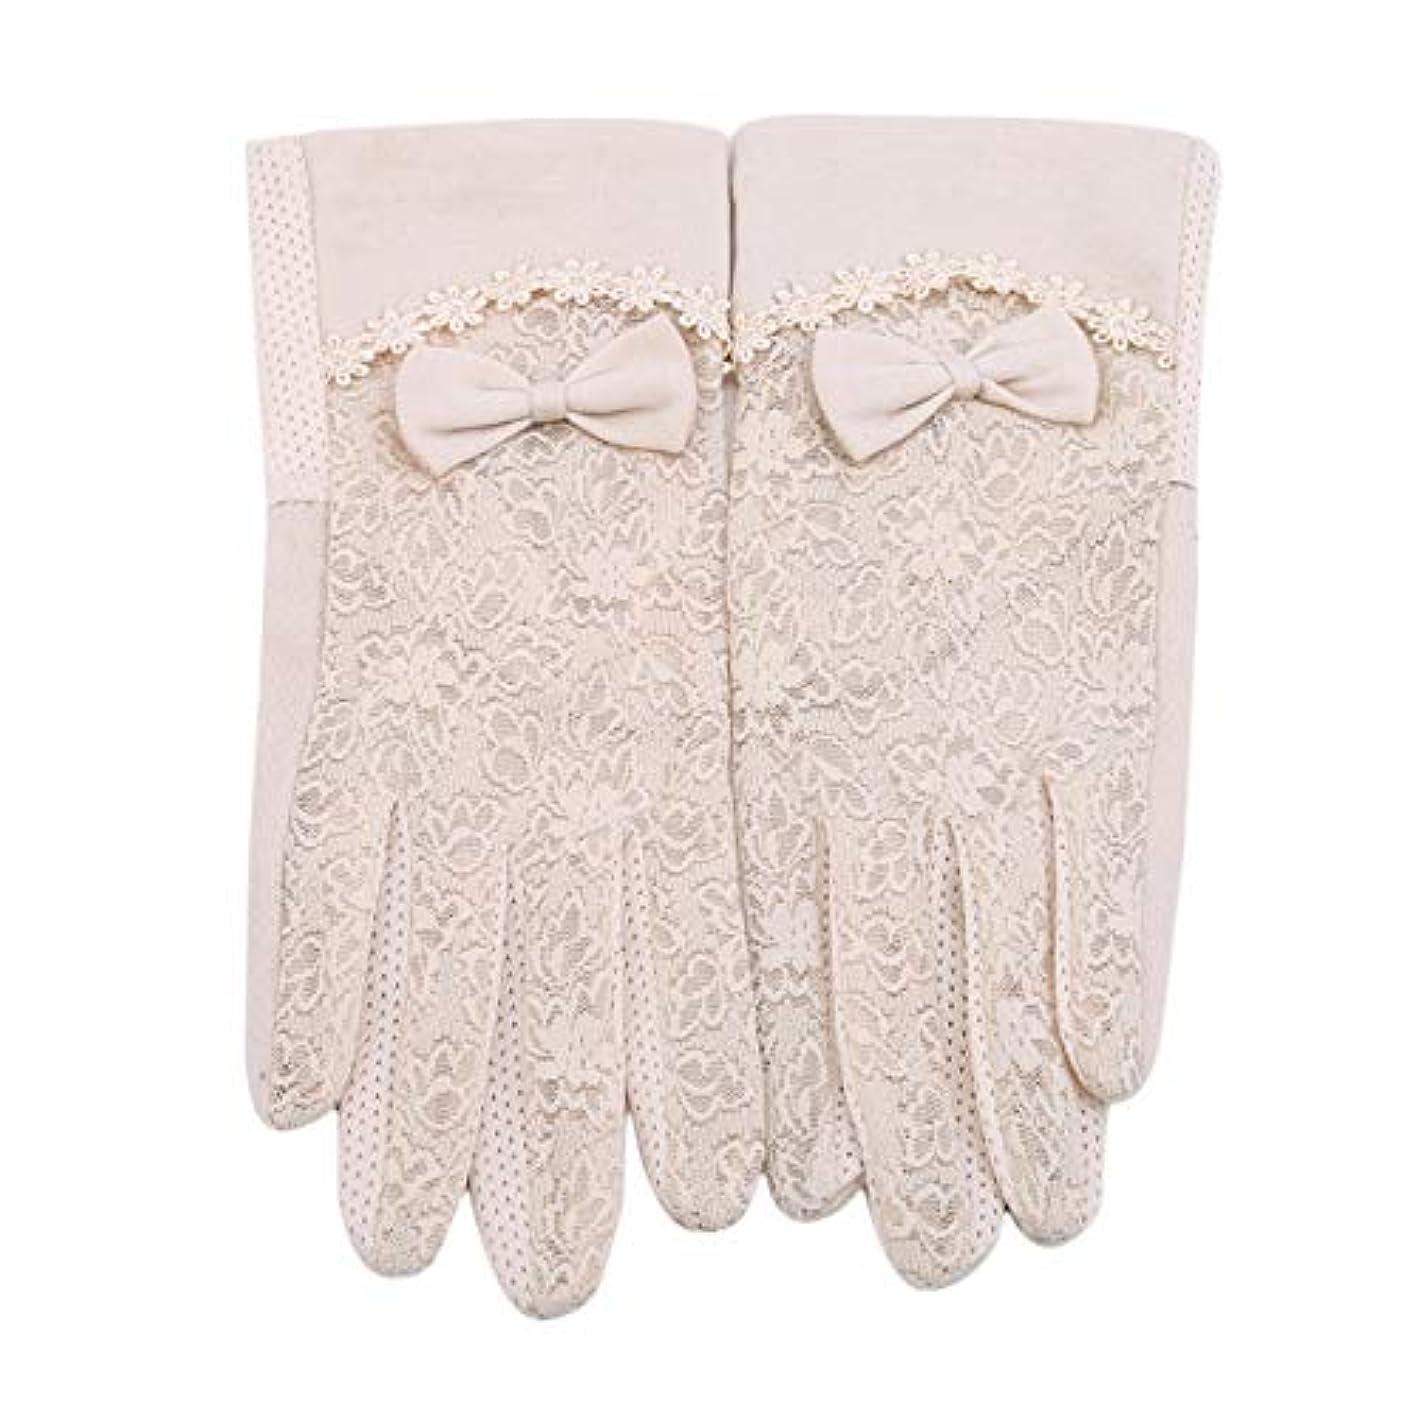 第九トラップ内側MODMHB 手袋 UVカット 手触りが良い 紫外線カット 日焼け防止 ハンド ケア 手荒い対策 保湿 保護 抗菌 防臭